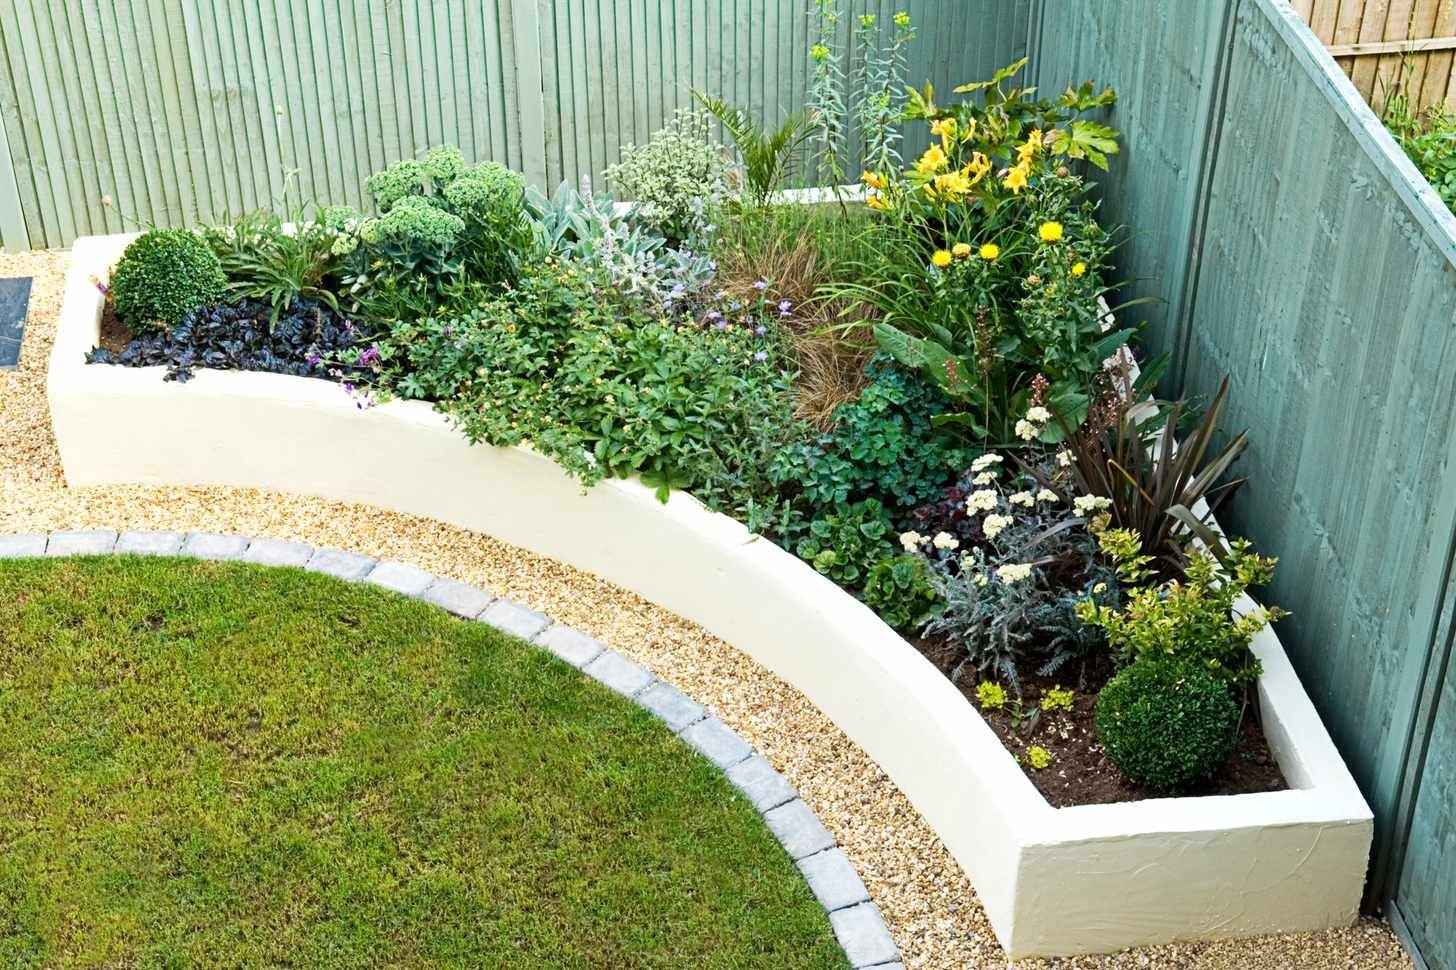 How to build a raised bed | Gardens, Garden ideas and Garden